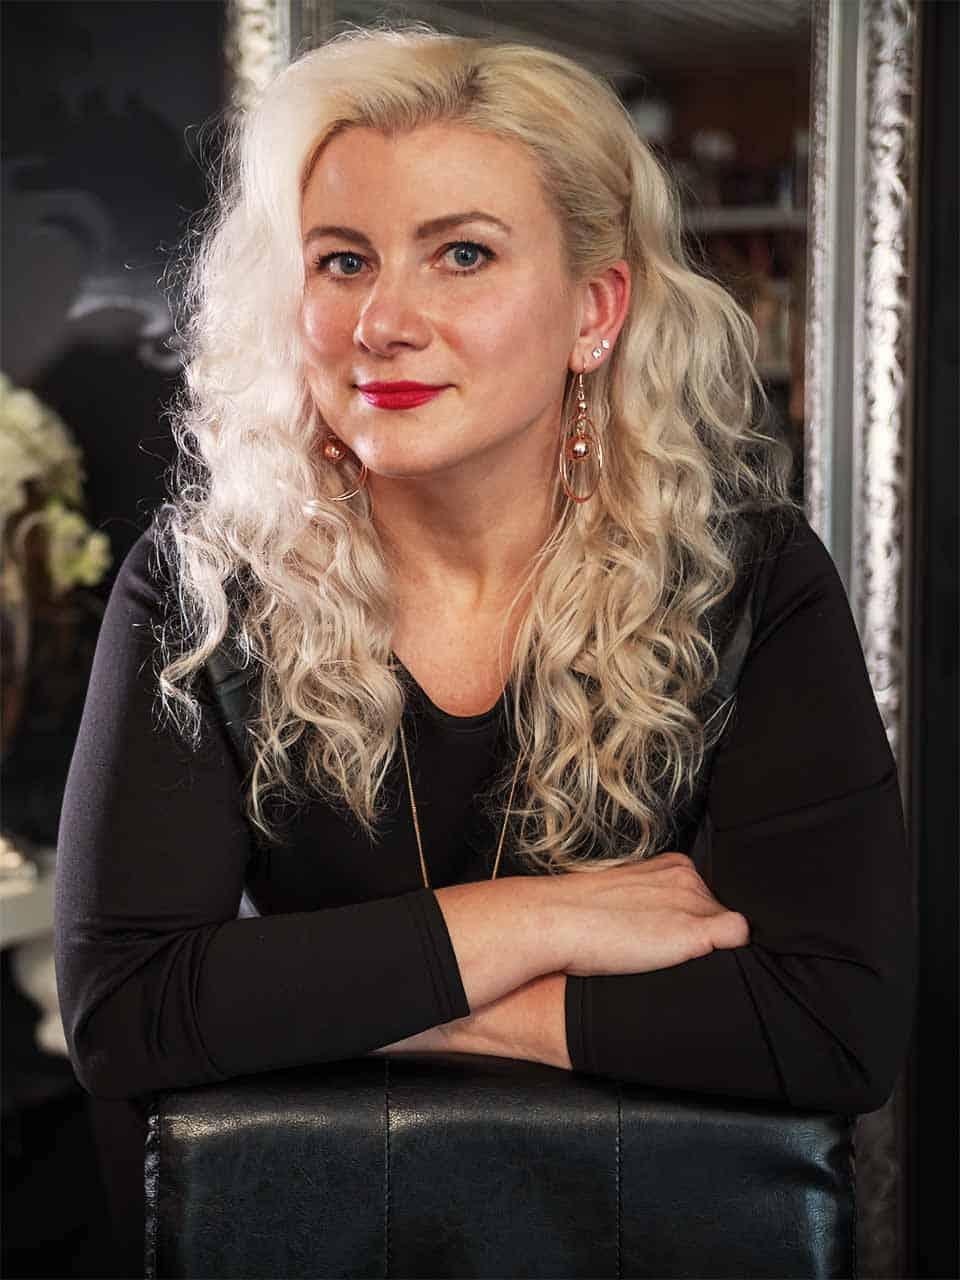 Haarstudio Barock Team Olga Beitelspacher Einzelfoto